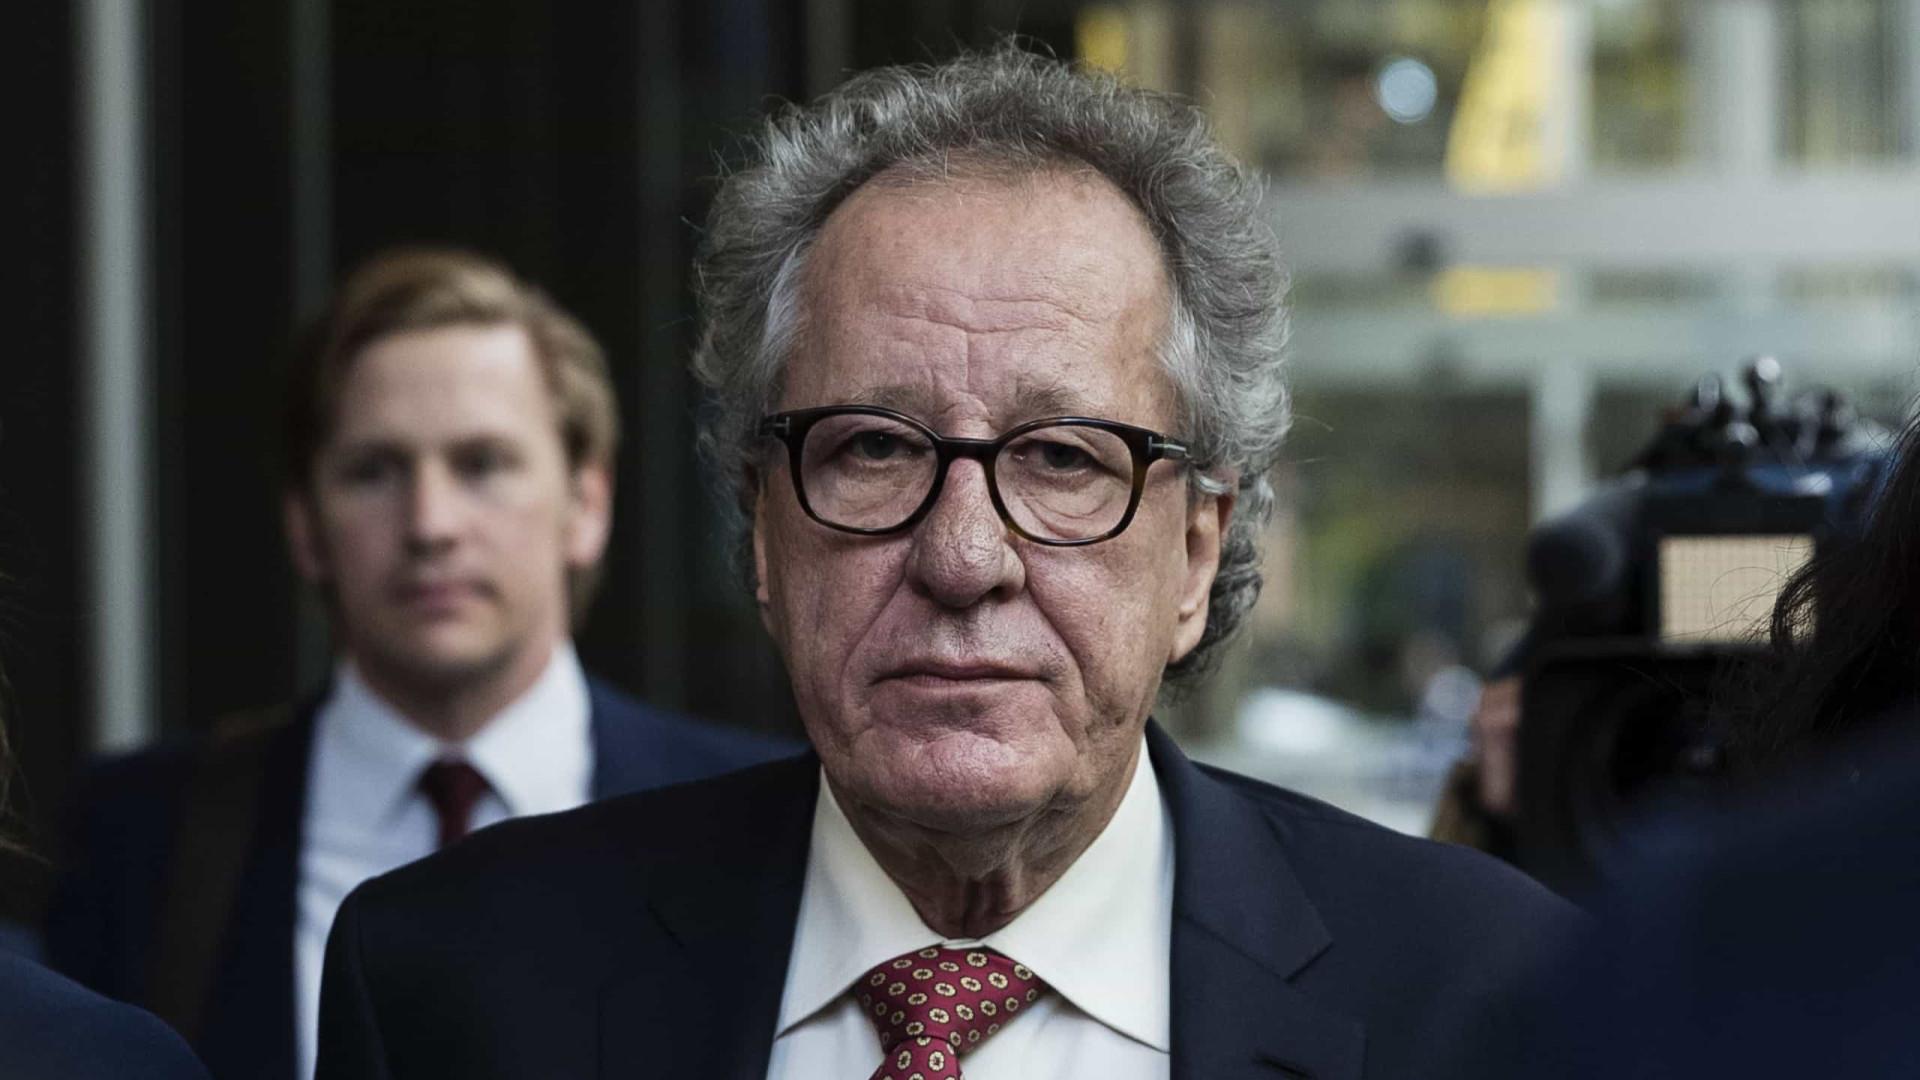 Justiça confirma indemnização milionária a Geoffrey Rush por difamação